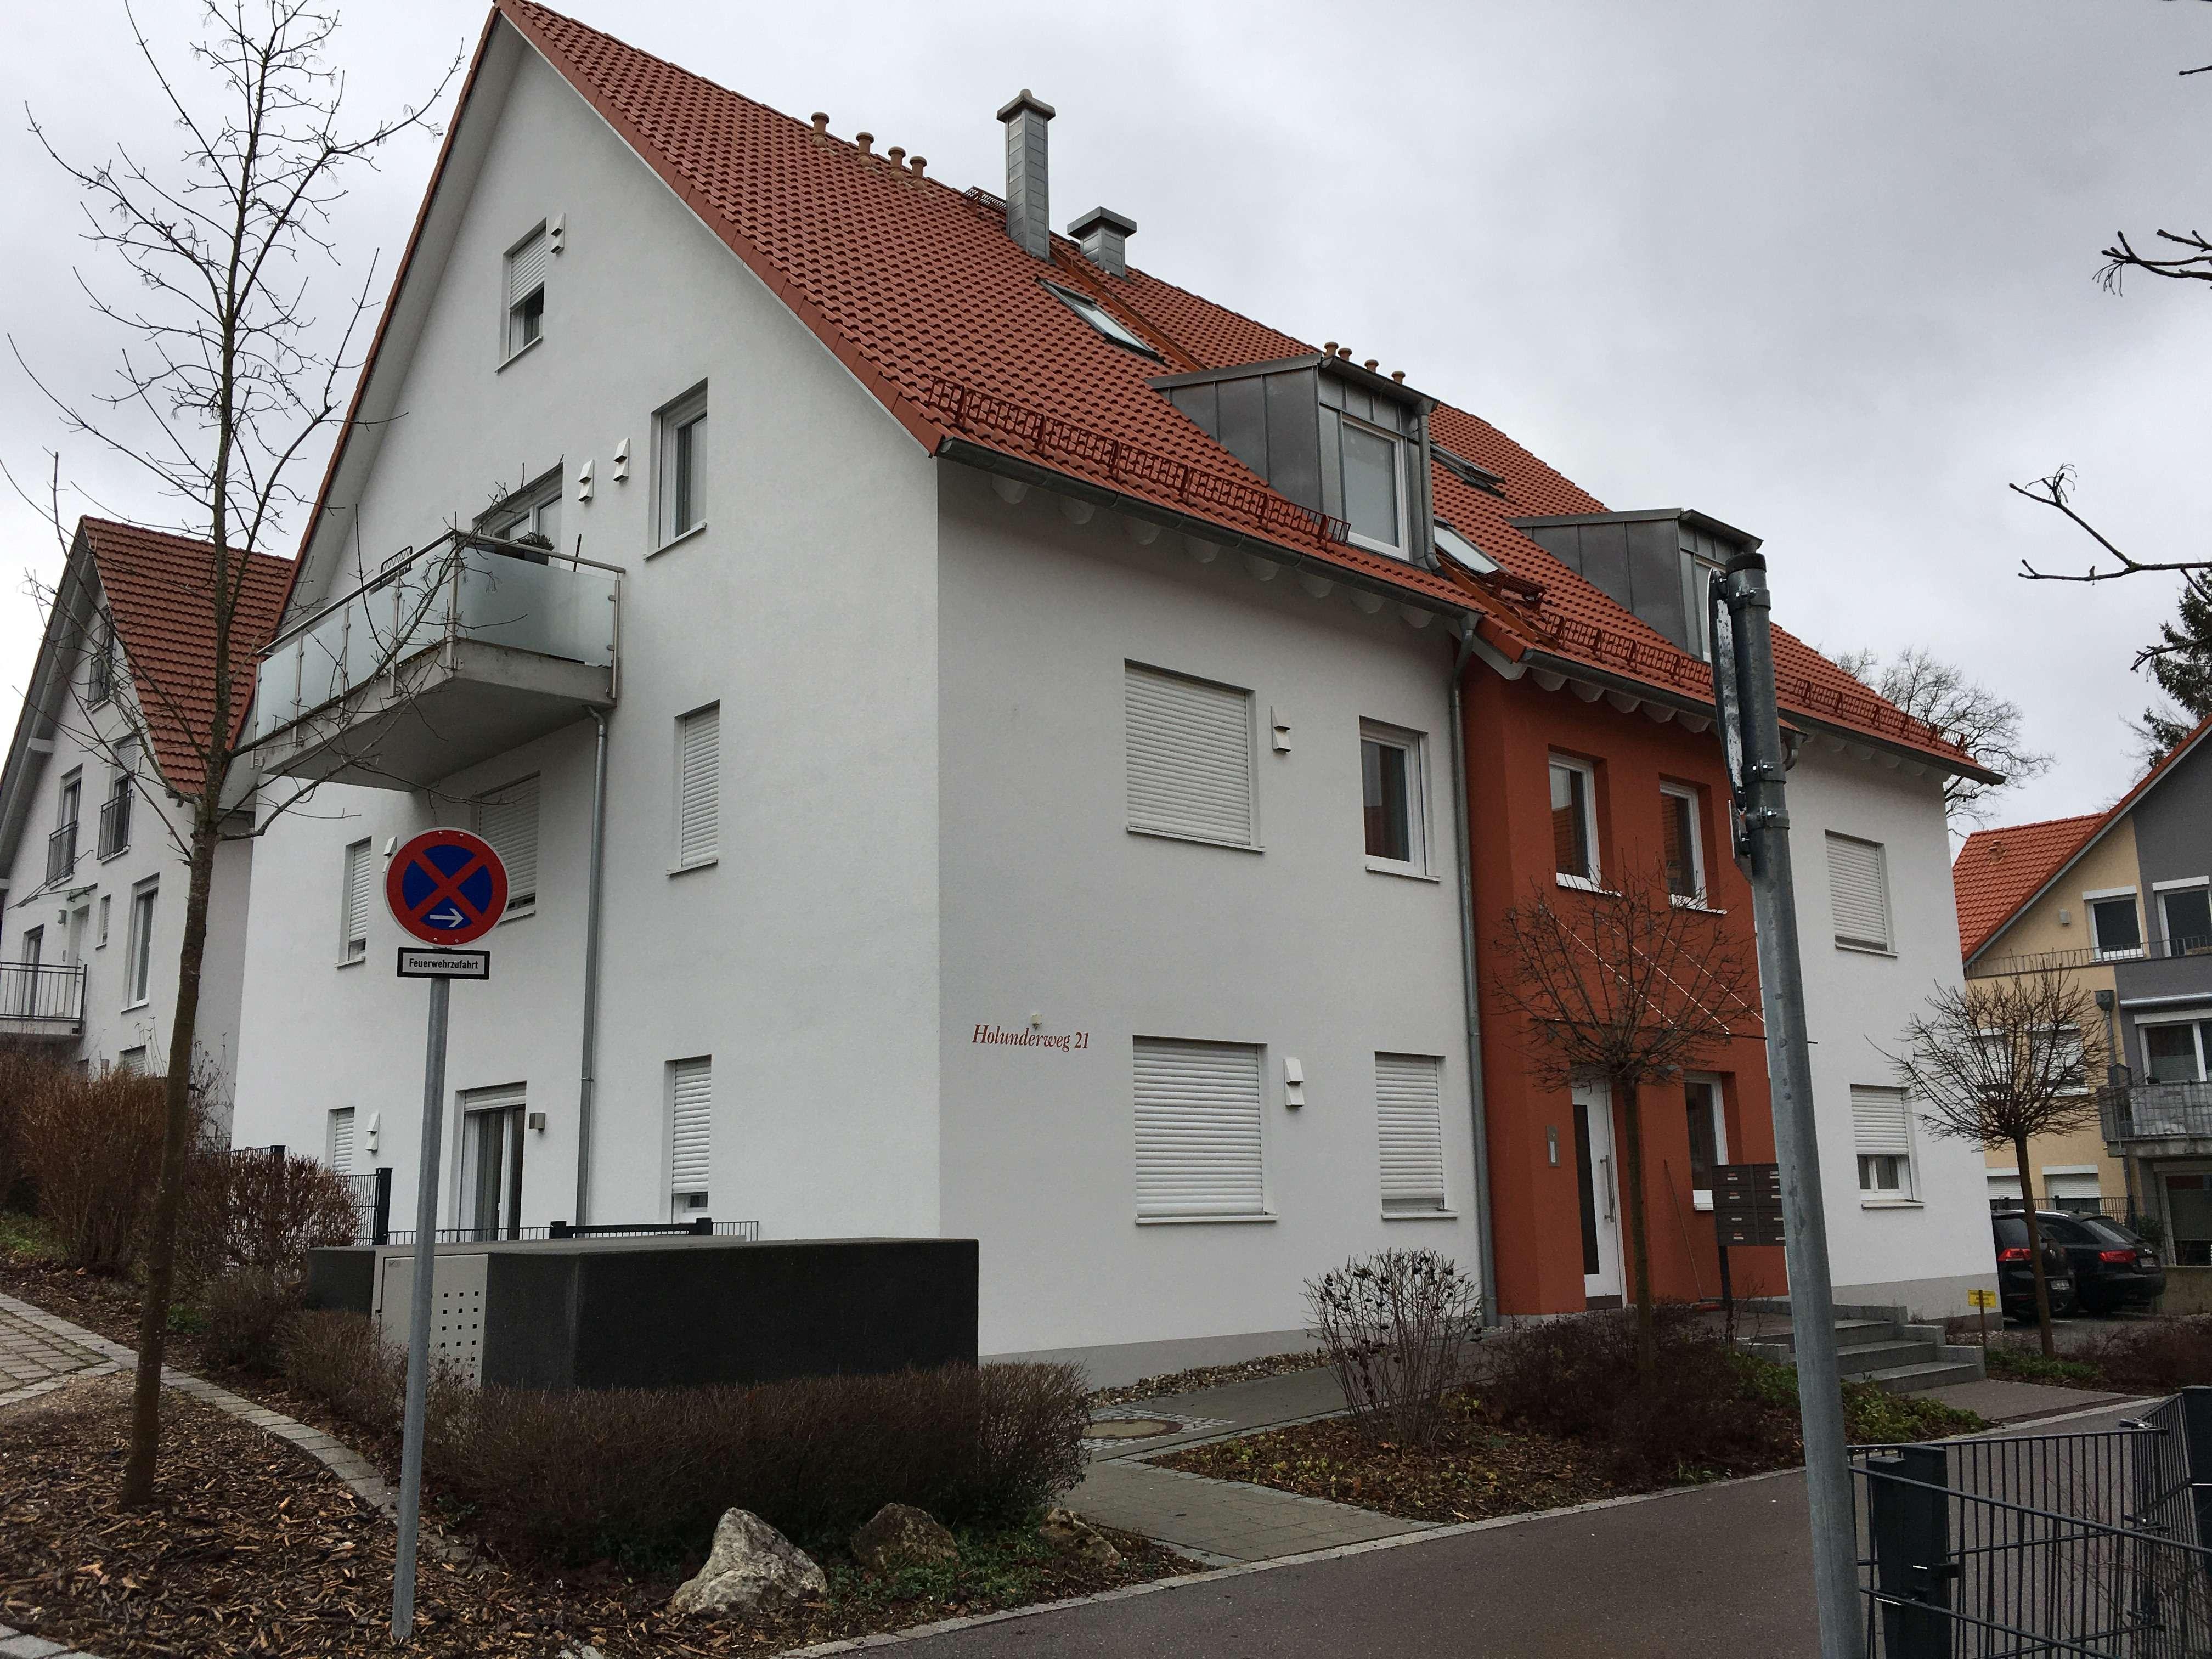 Exklusive, neuwertige 2-Zimmer-Wohnung mit Balkon in Pfaffenhofen in